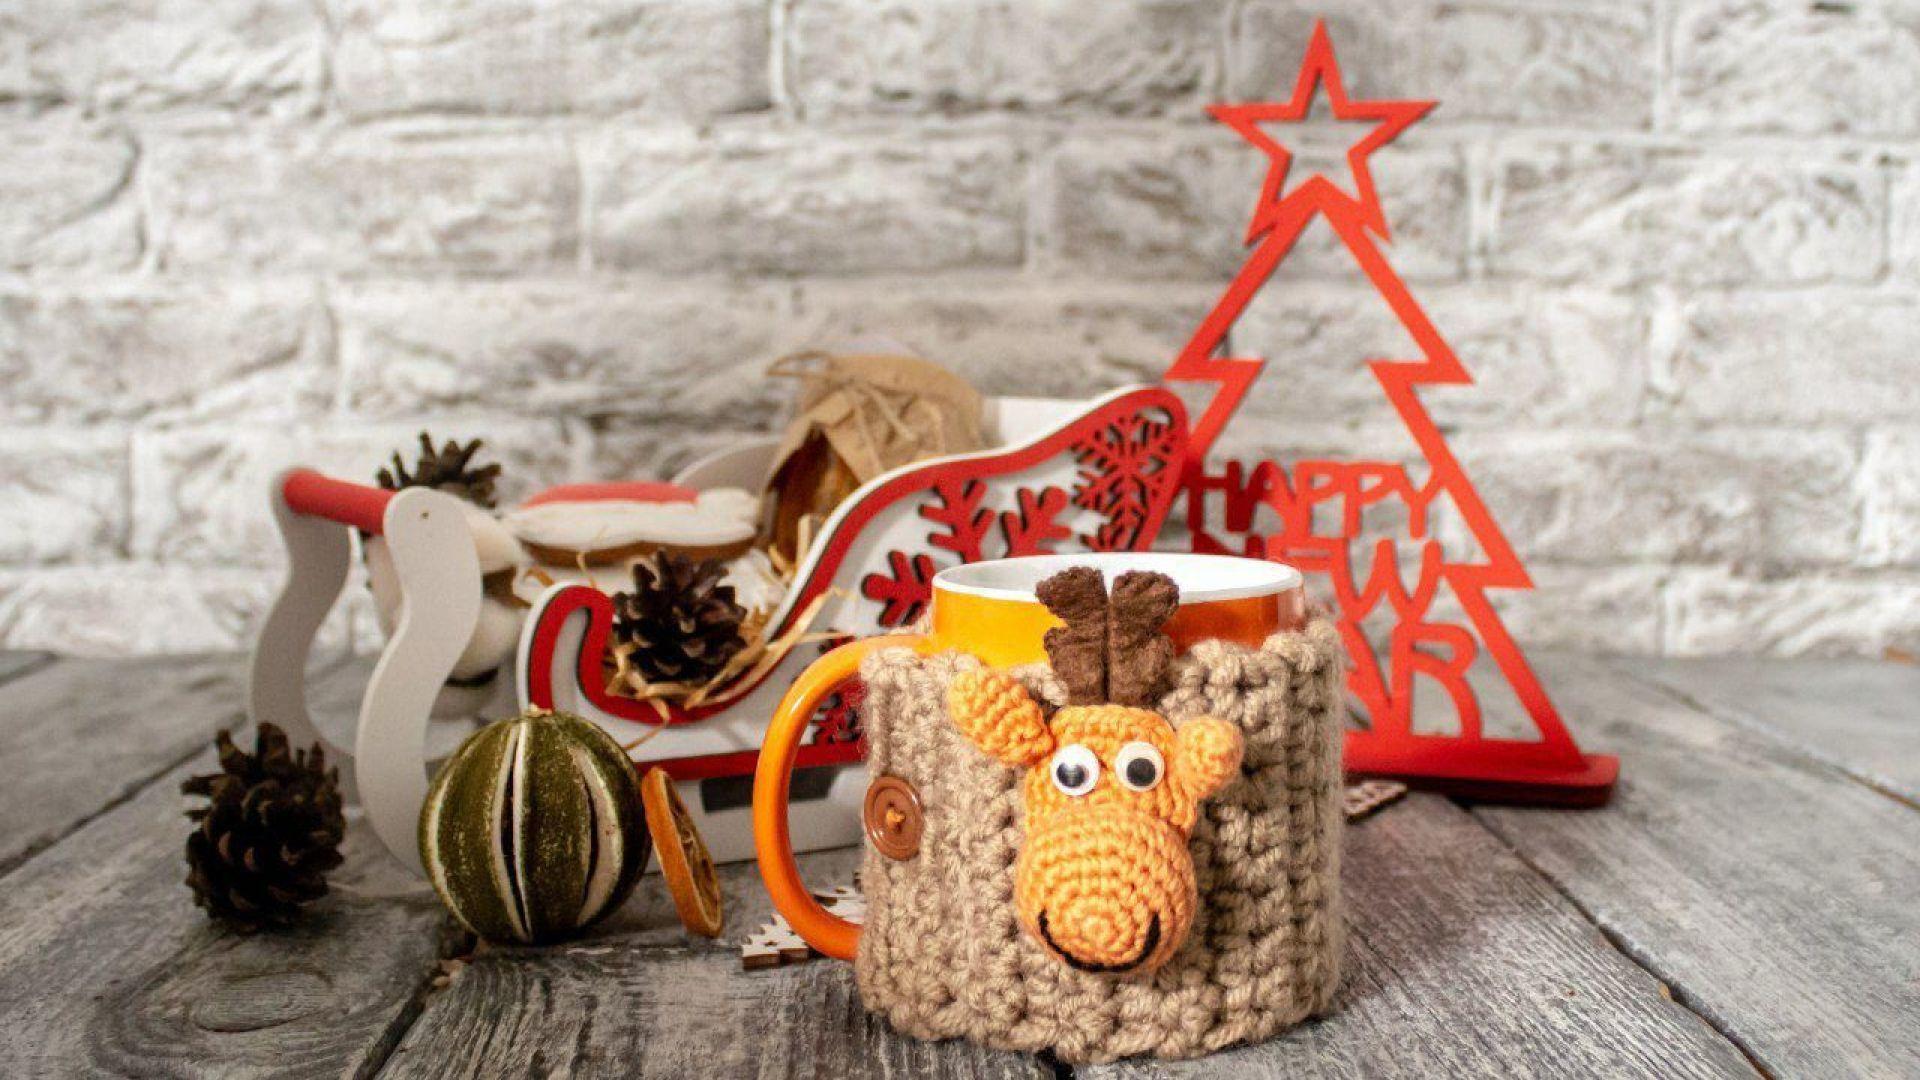 ТОП-5 лучших новогодних подарков для коллег!